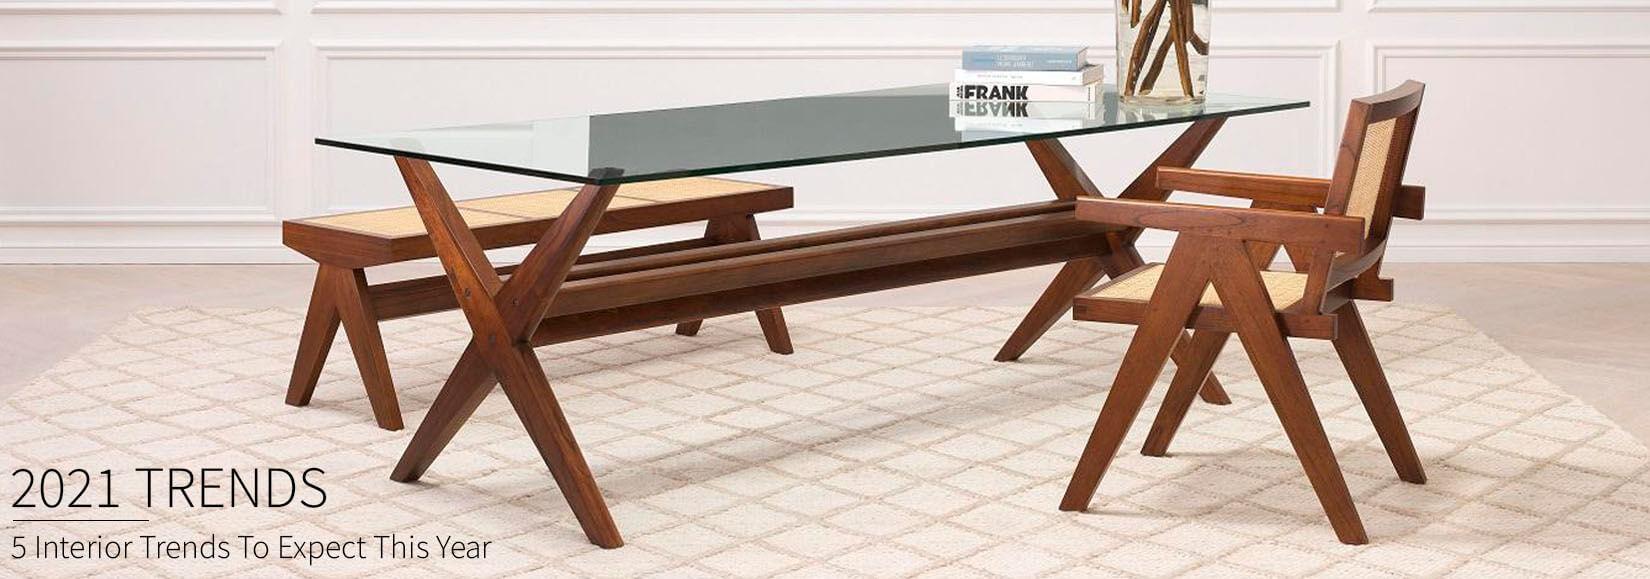 Interior Design & Furniture Trends 2021